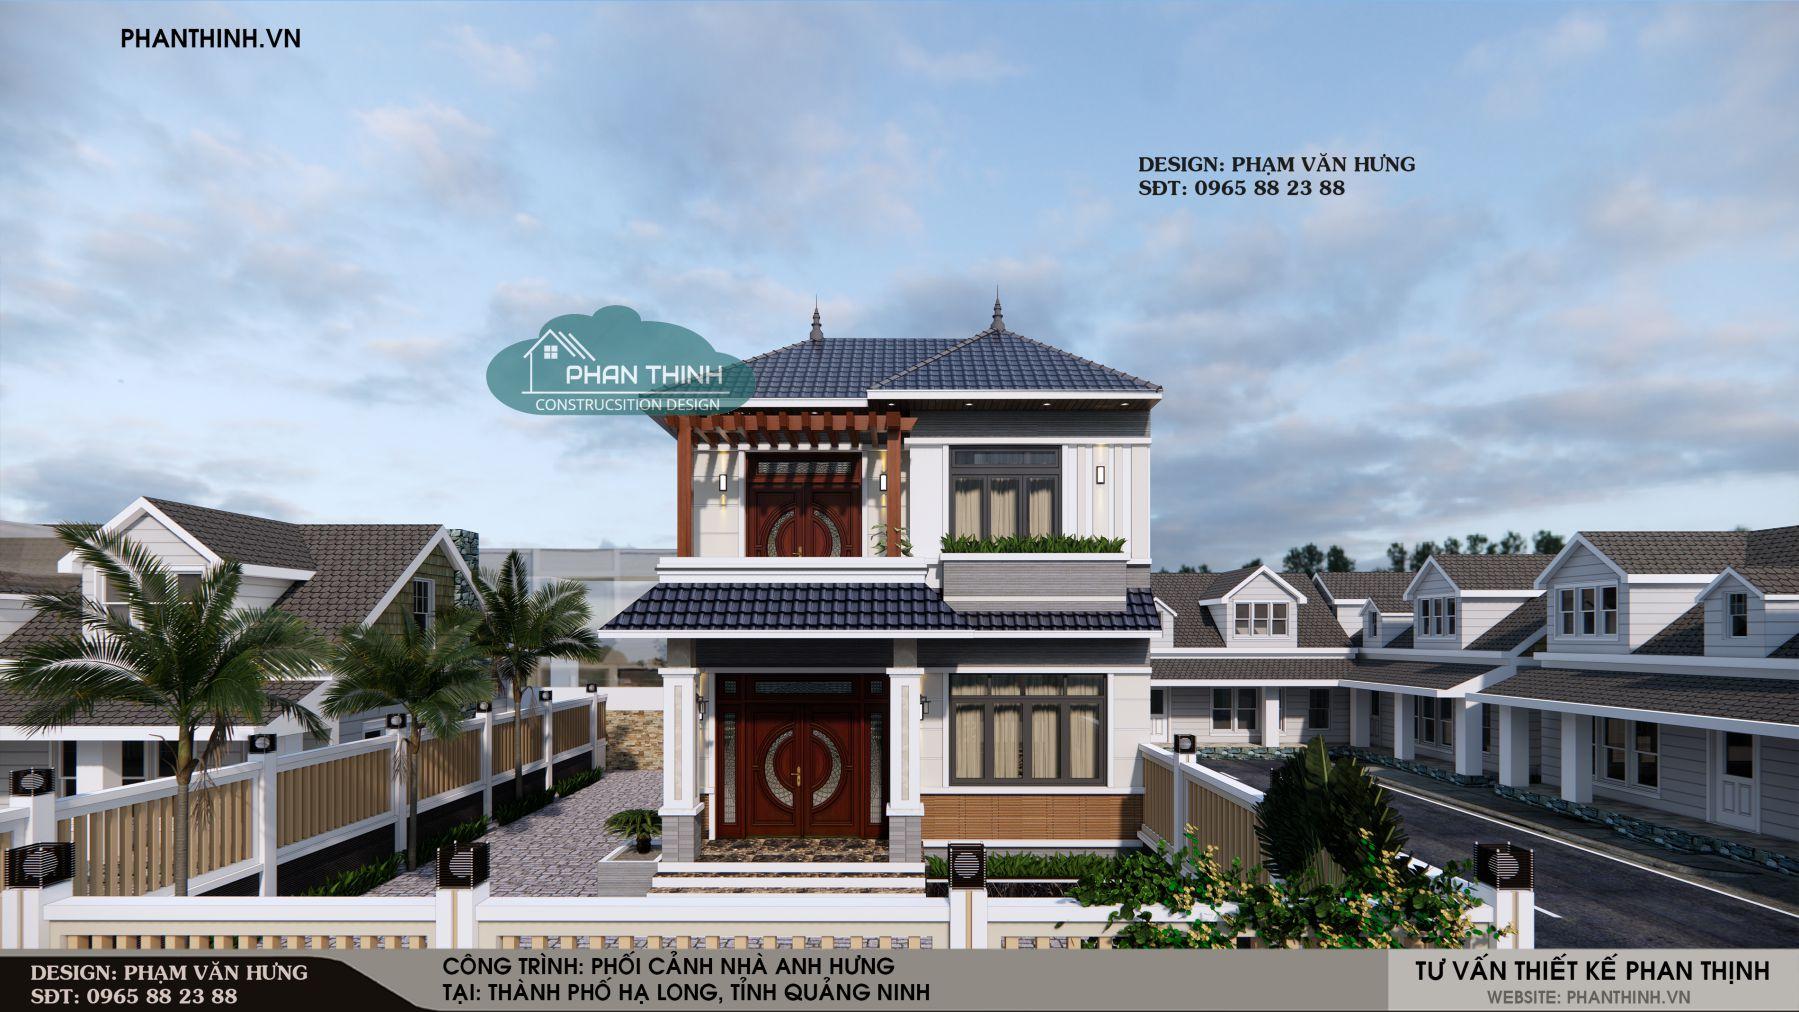 Mẫu biệt thự 2 tầng mái thái đẹp tại Quảng Ninh